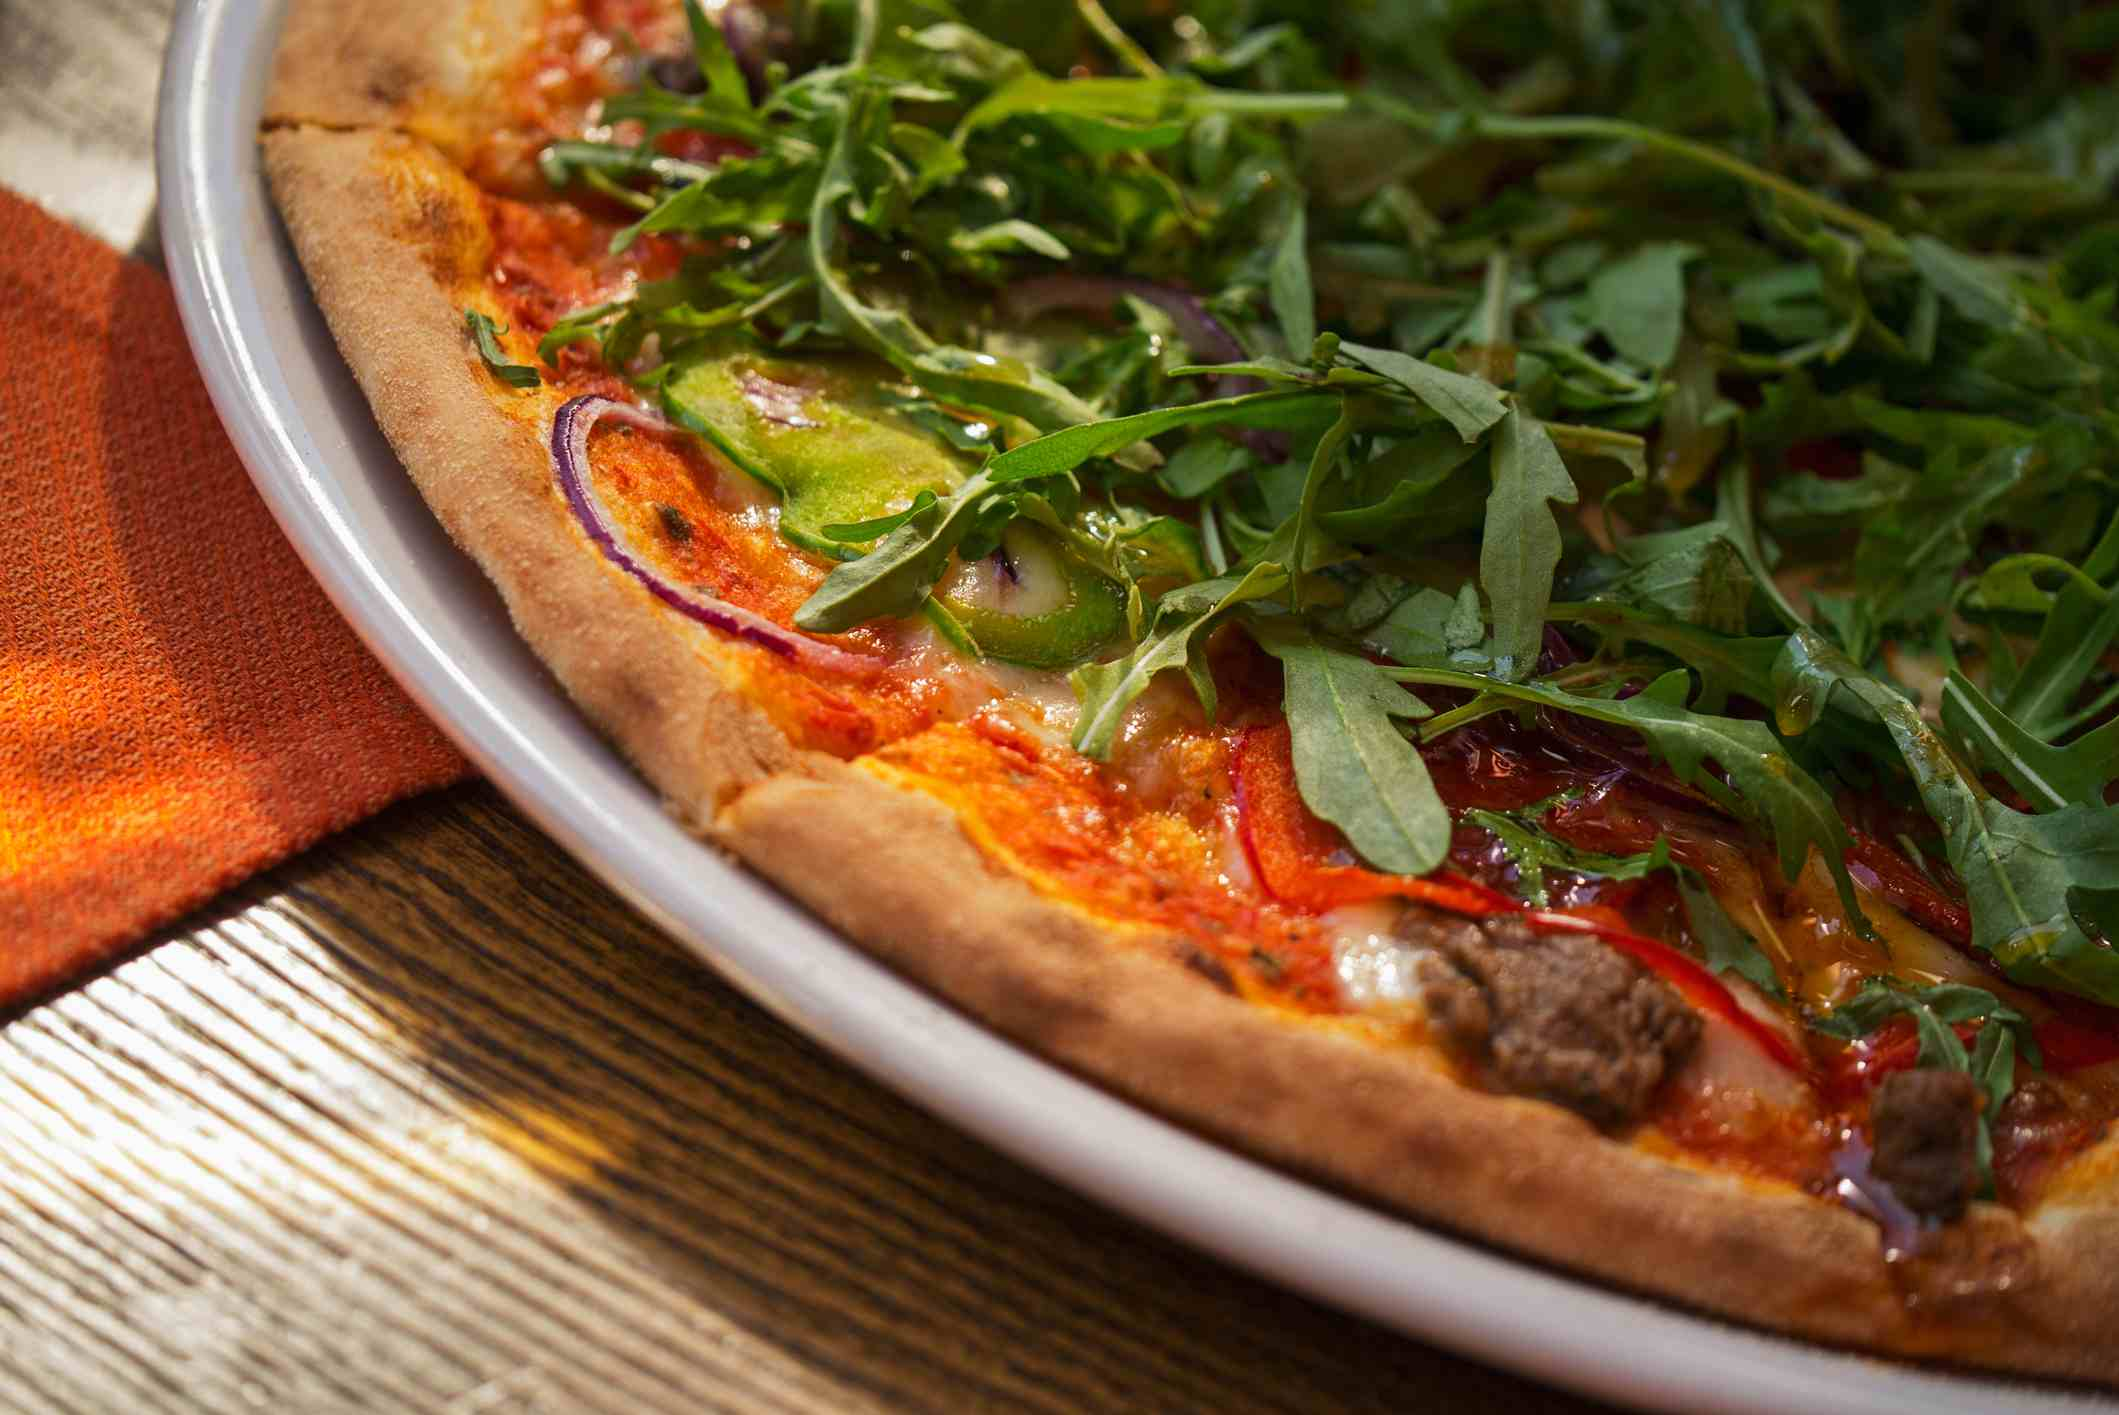 Roman pizza with arugula